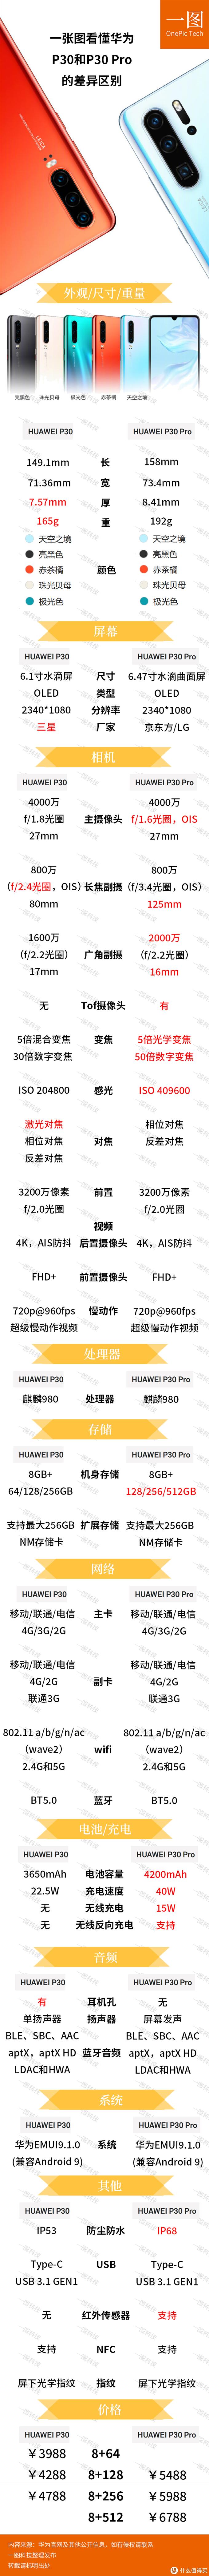 一张图看懂华为P30和P30 Pro的差异区别